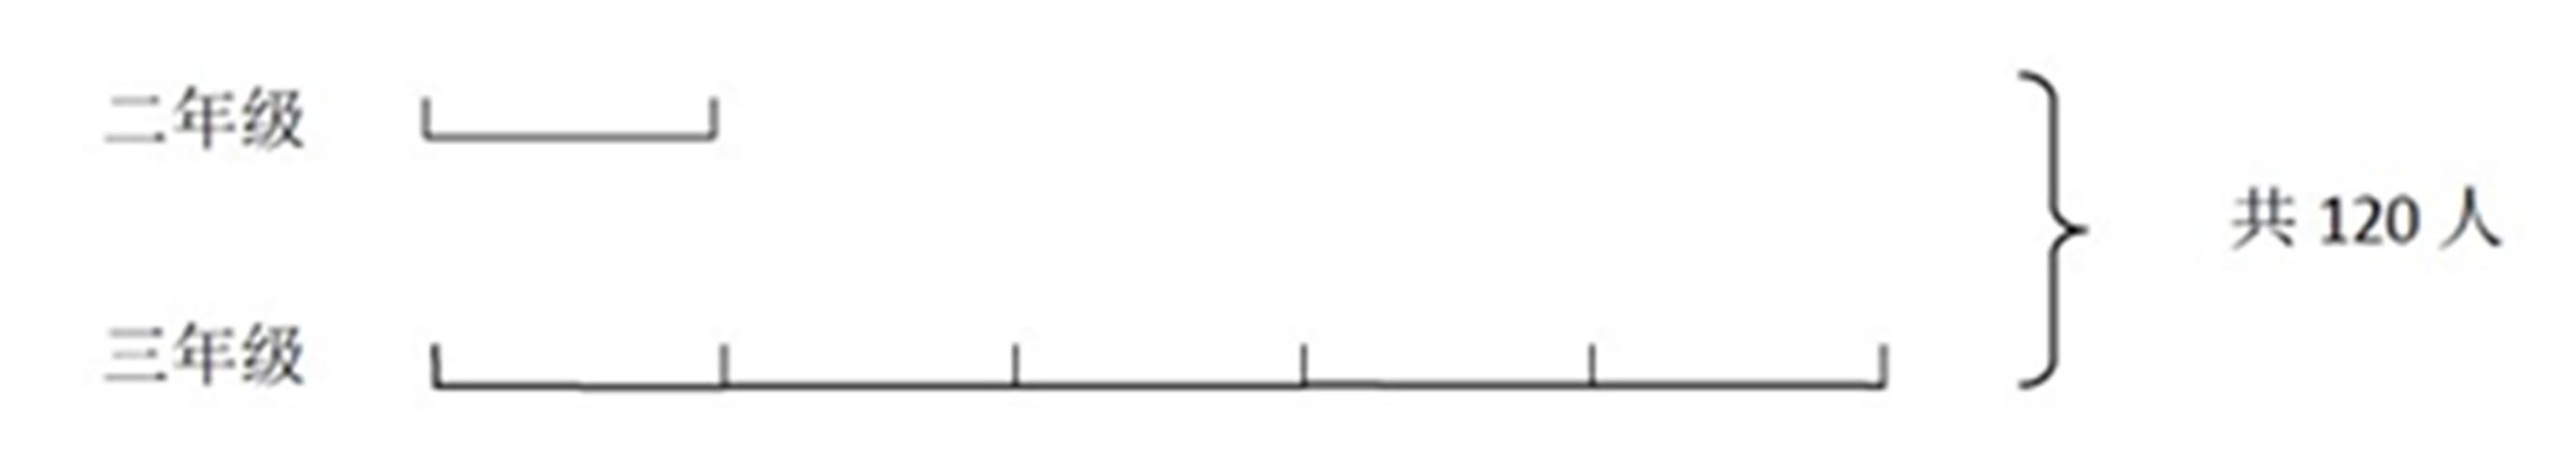 巧用线段图解应用题——小燕子老师来了